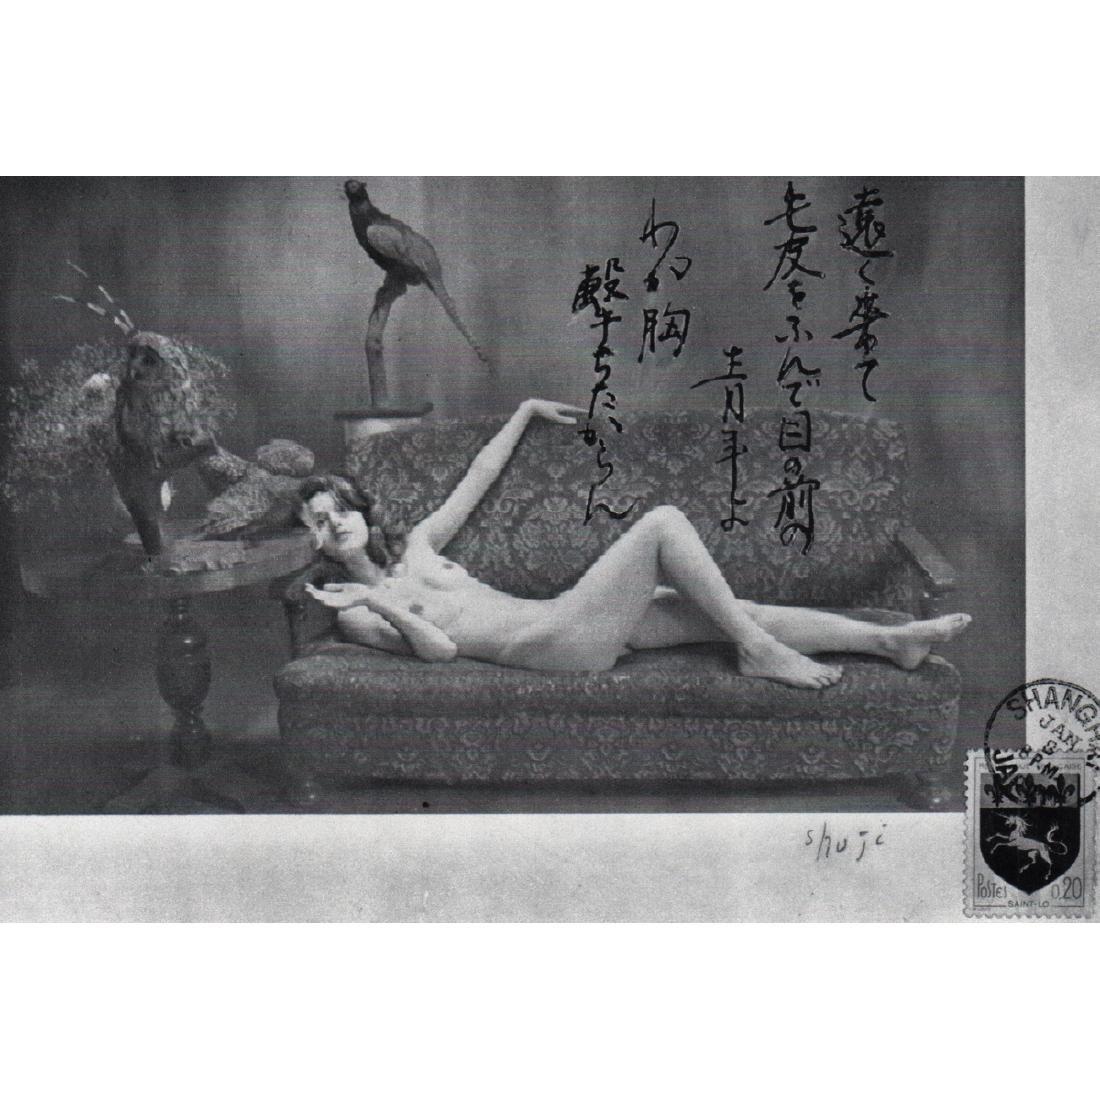 SHUJI TERAYAMA - Postcard from Shanghai - 2